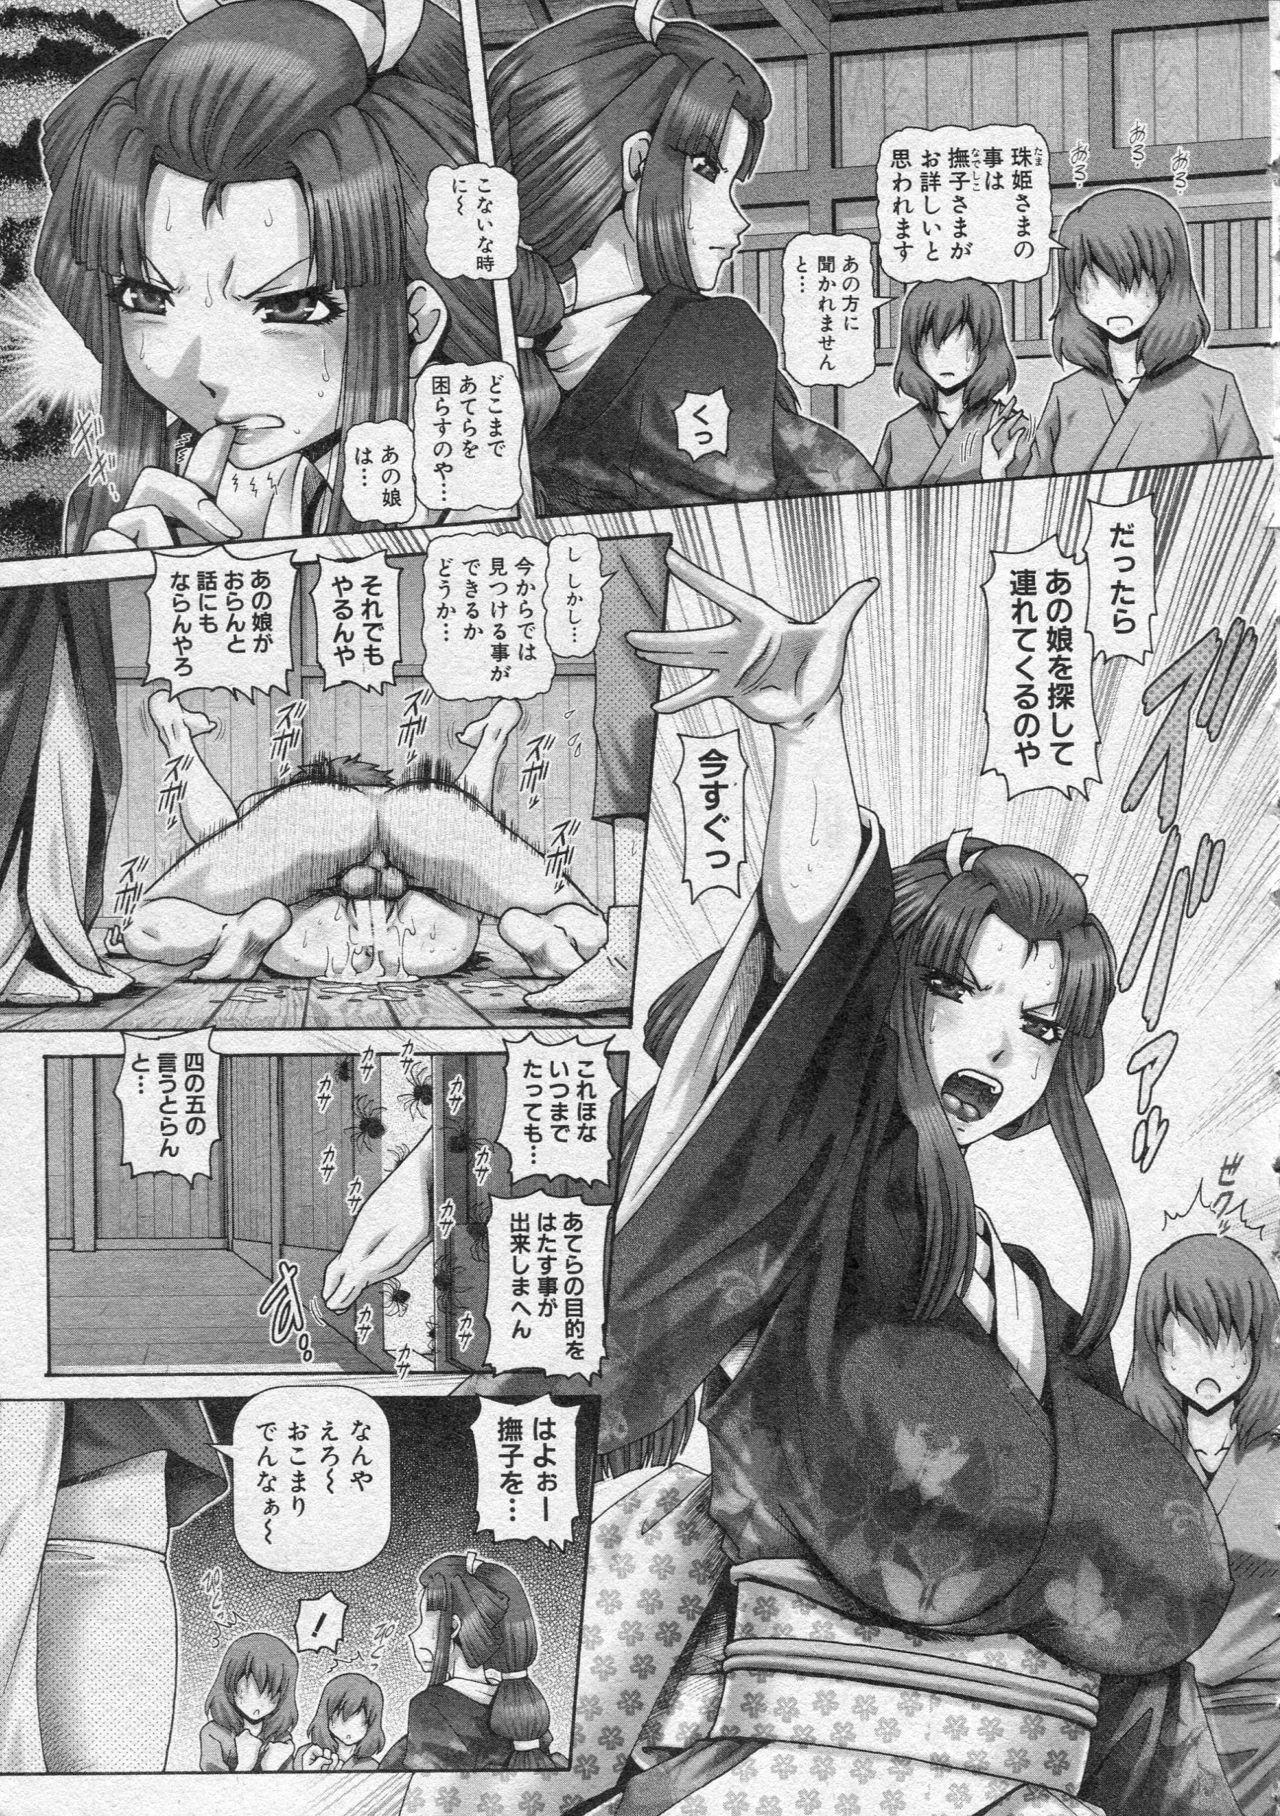 Ayakashiyakata no Tamahime 188